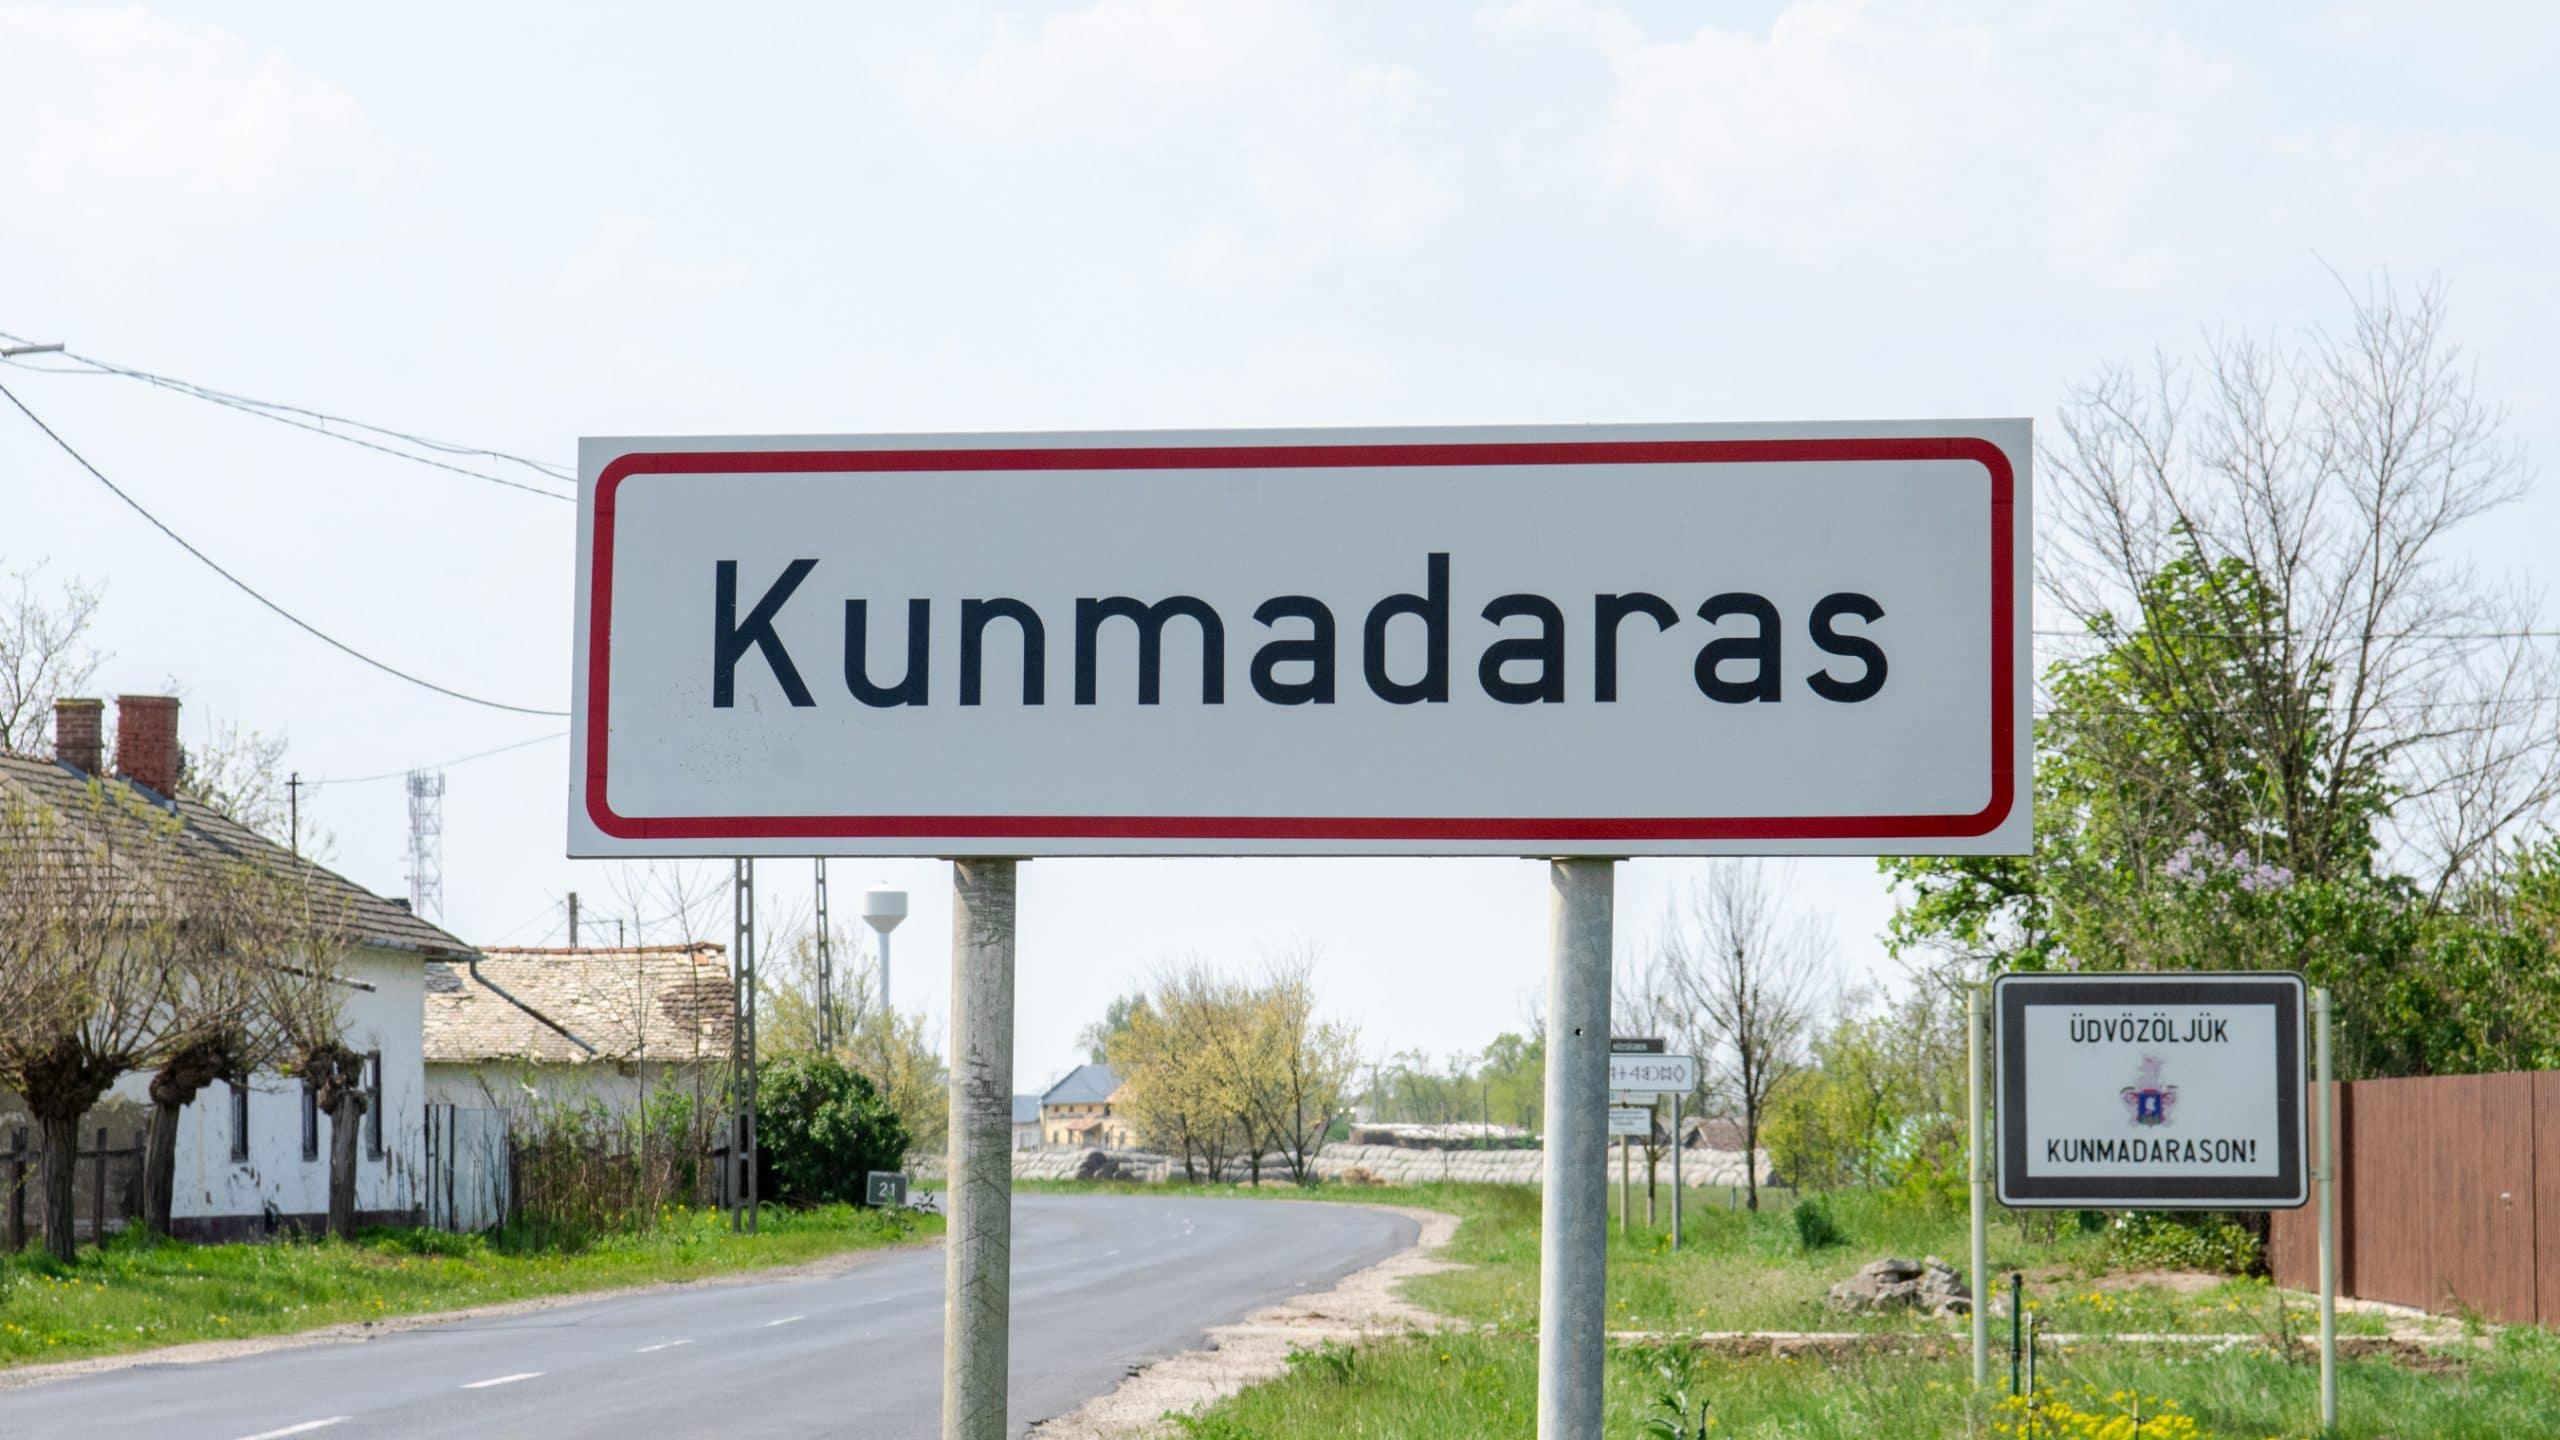 Kunmadaras